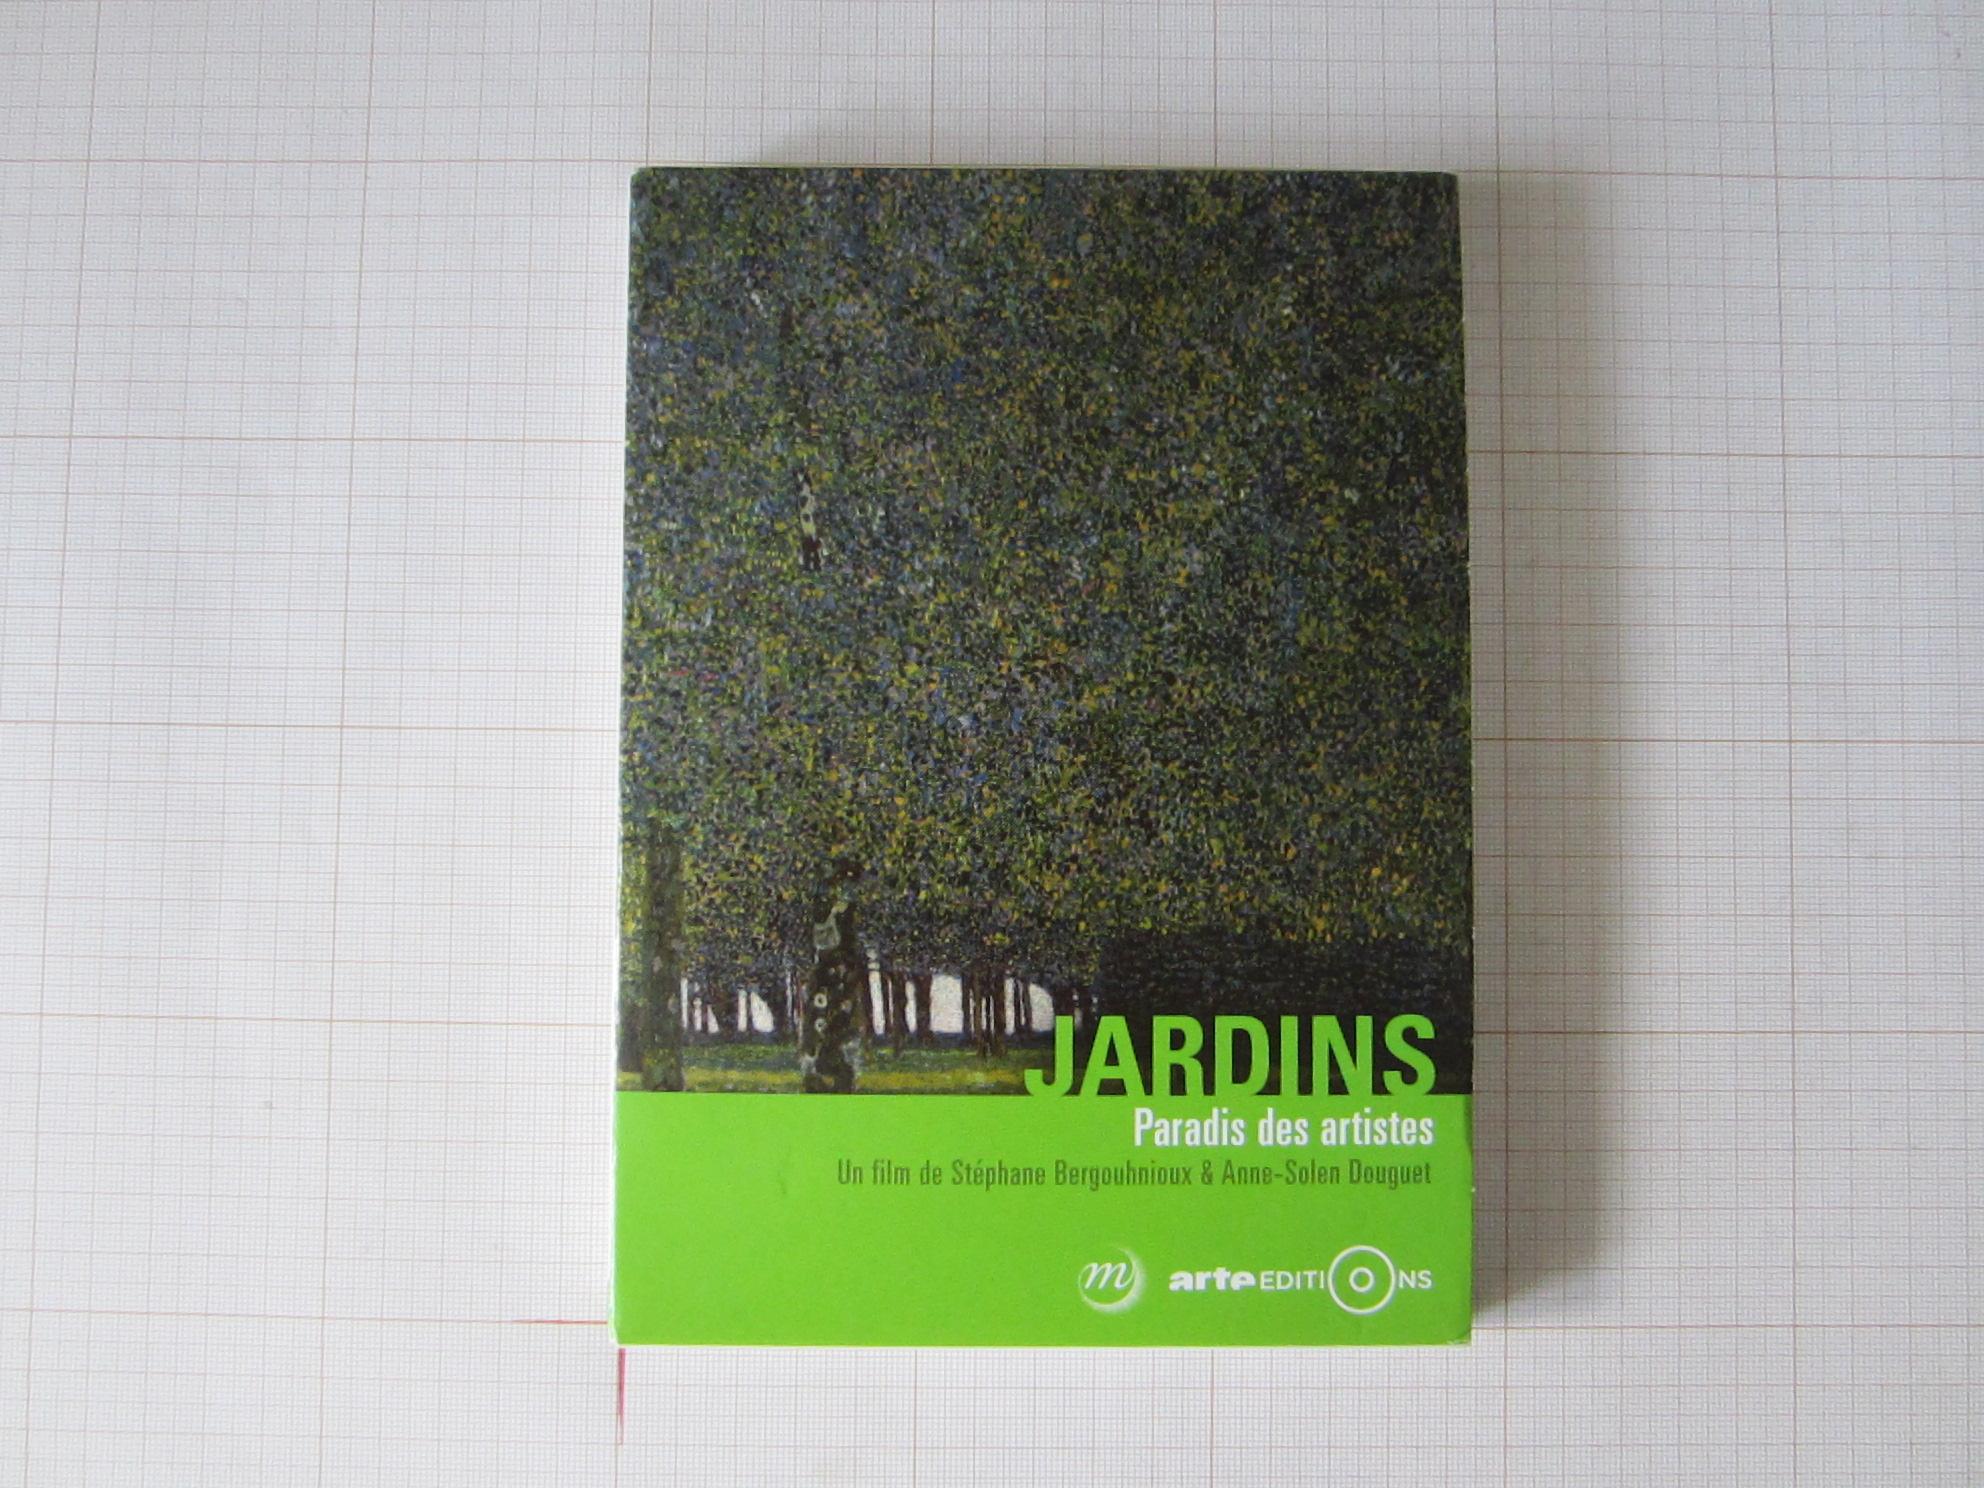 Jardins - Paradis des artistes, S. Bergouhnioux & A-S. Douguet - RMN Grand palais / Arte© Maison Autrique, 2017